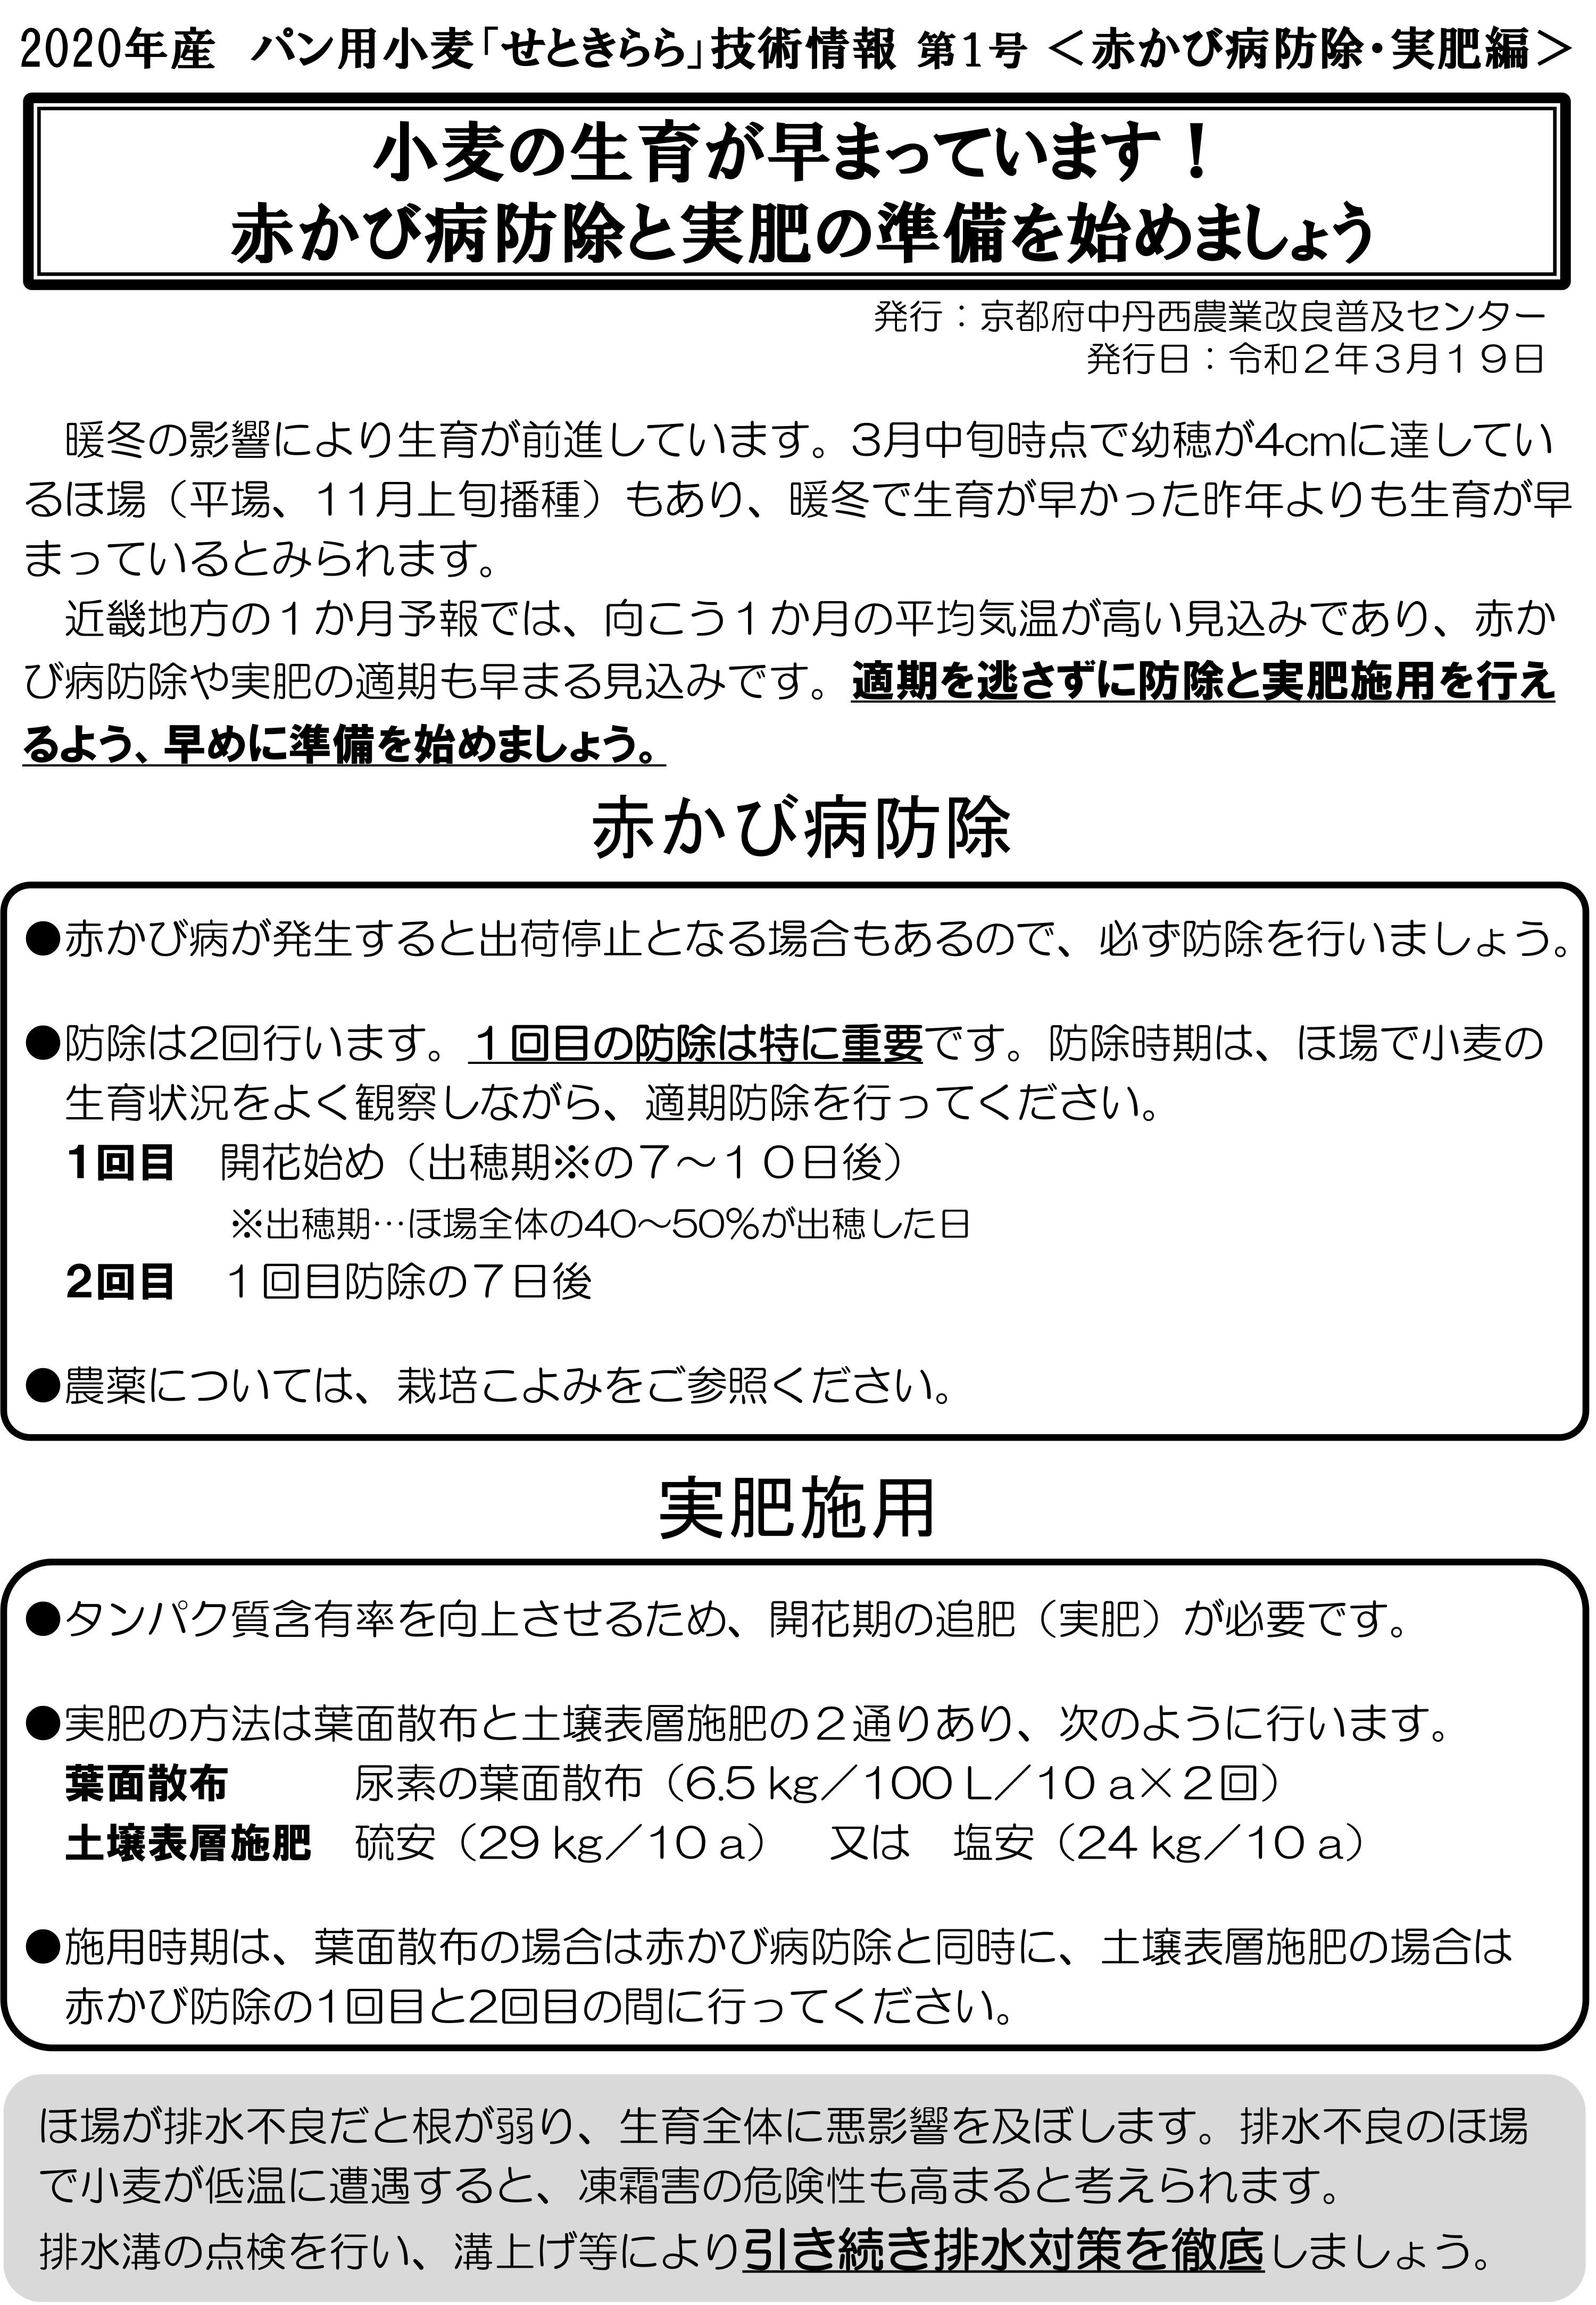 小麦技術情報の発行!